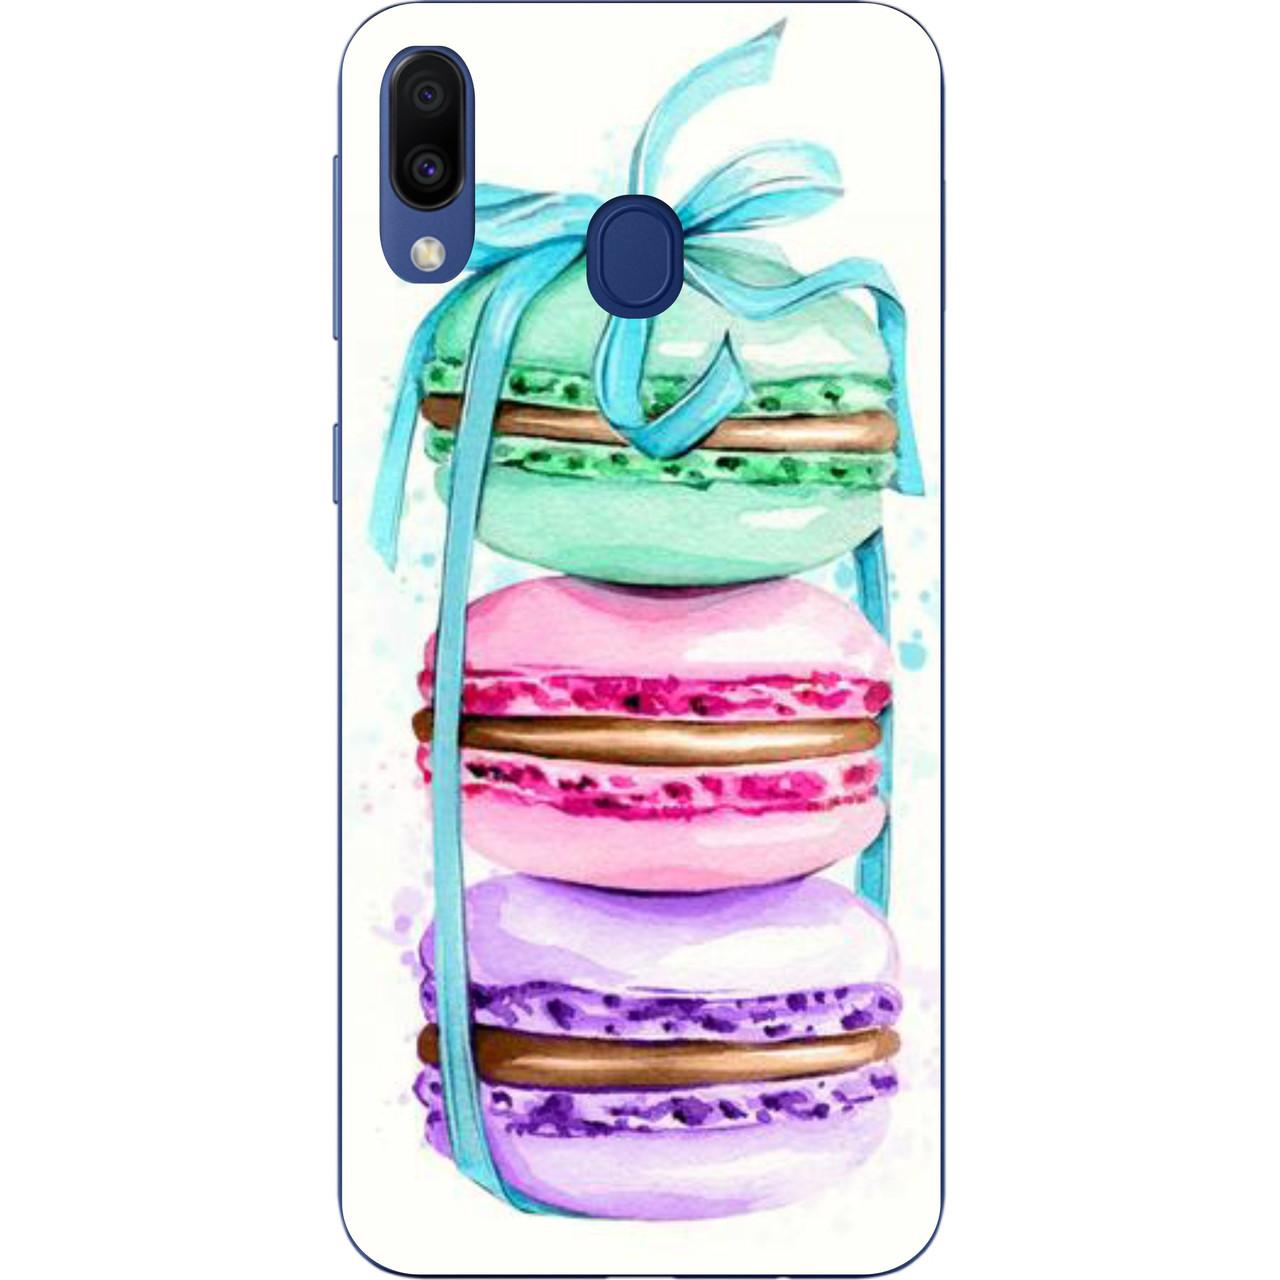 Оригинальный чехол накладка для Samsung Galaxy M20 с картинкой Пирожные